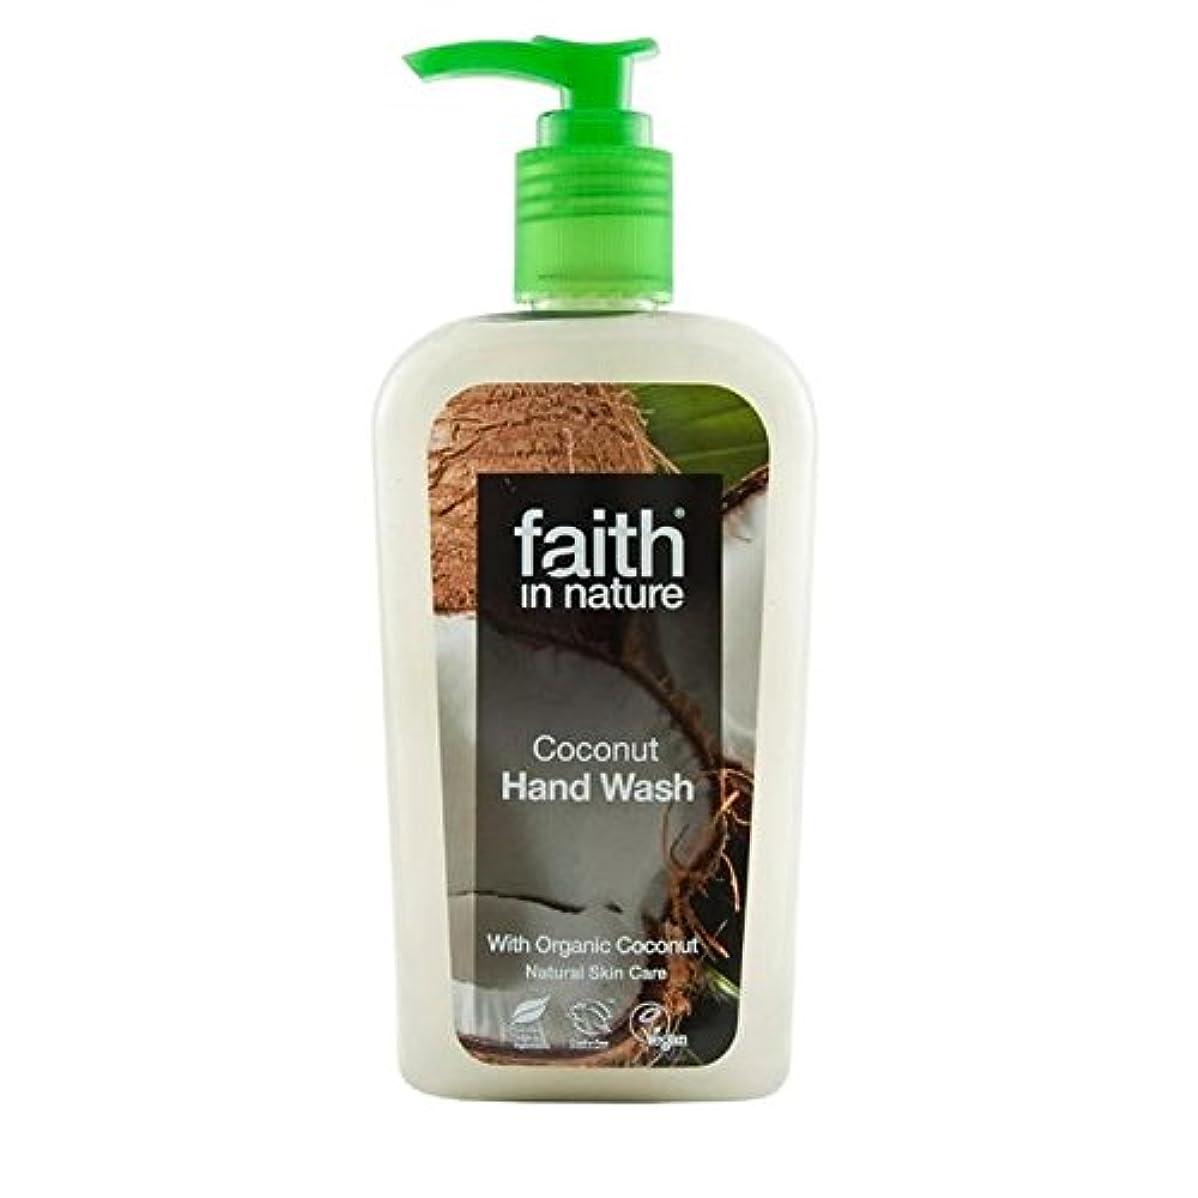 アイロニーどちらか不公平Faith in Nature Coconut Handwash 300ml - (Faith In Nature) 自然ココナッツ手洗いの300ミリリットルの信仰 [並行輸入品]